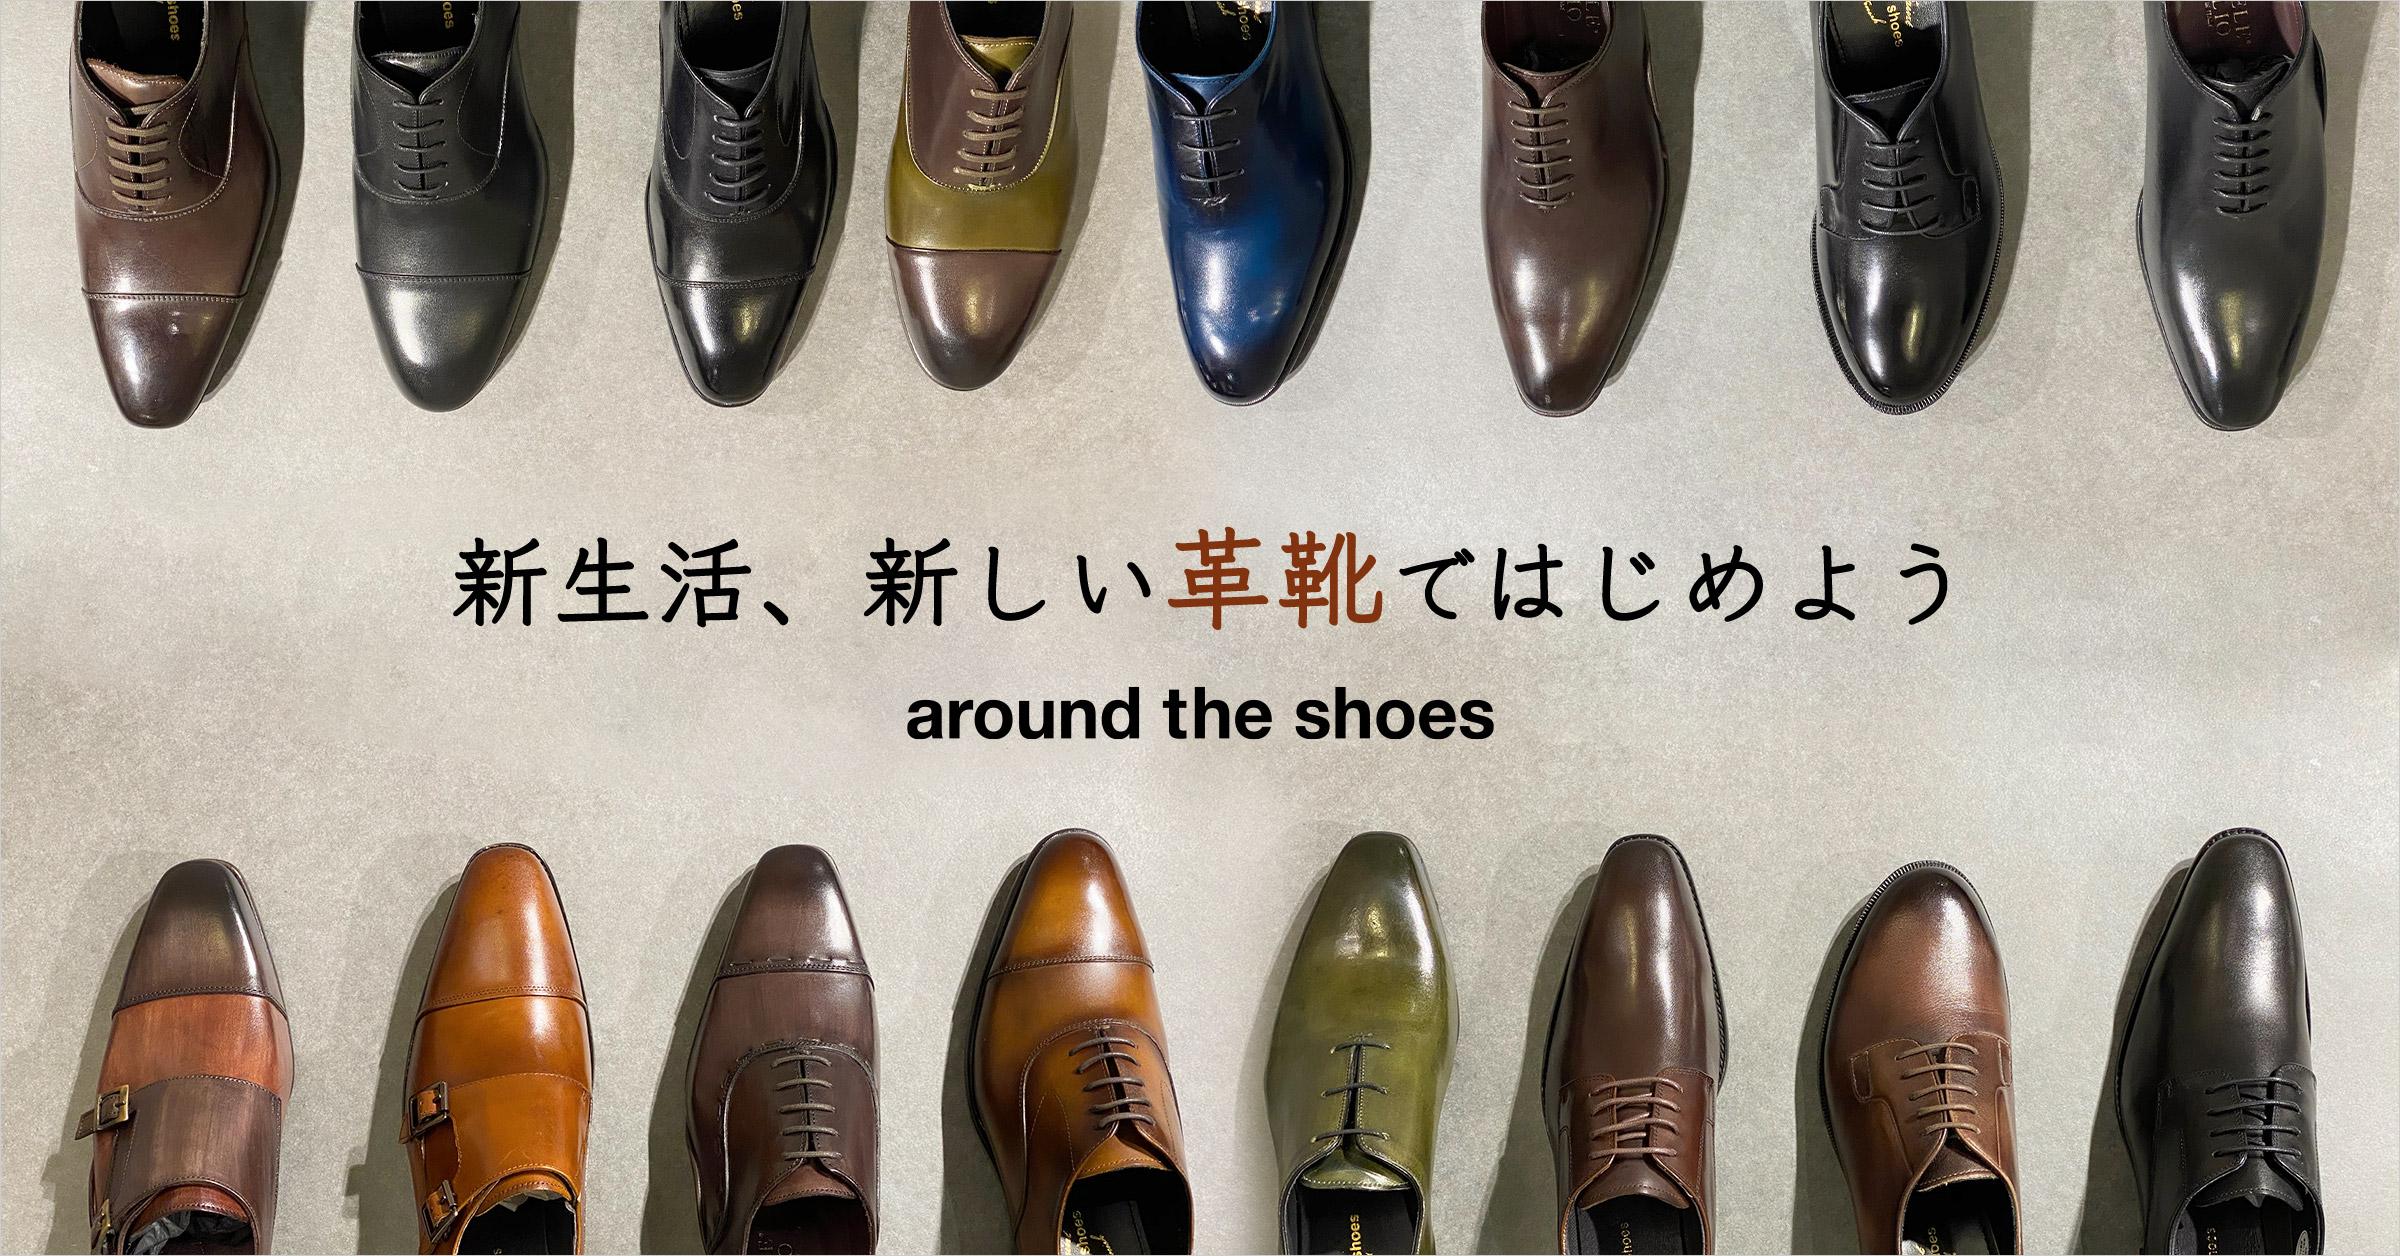 新しい革靴で、心機一転。